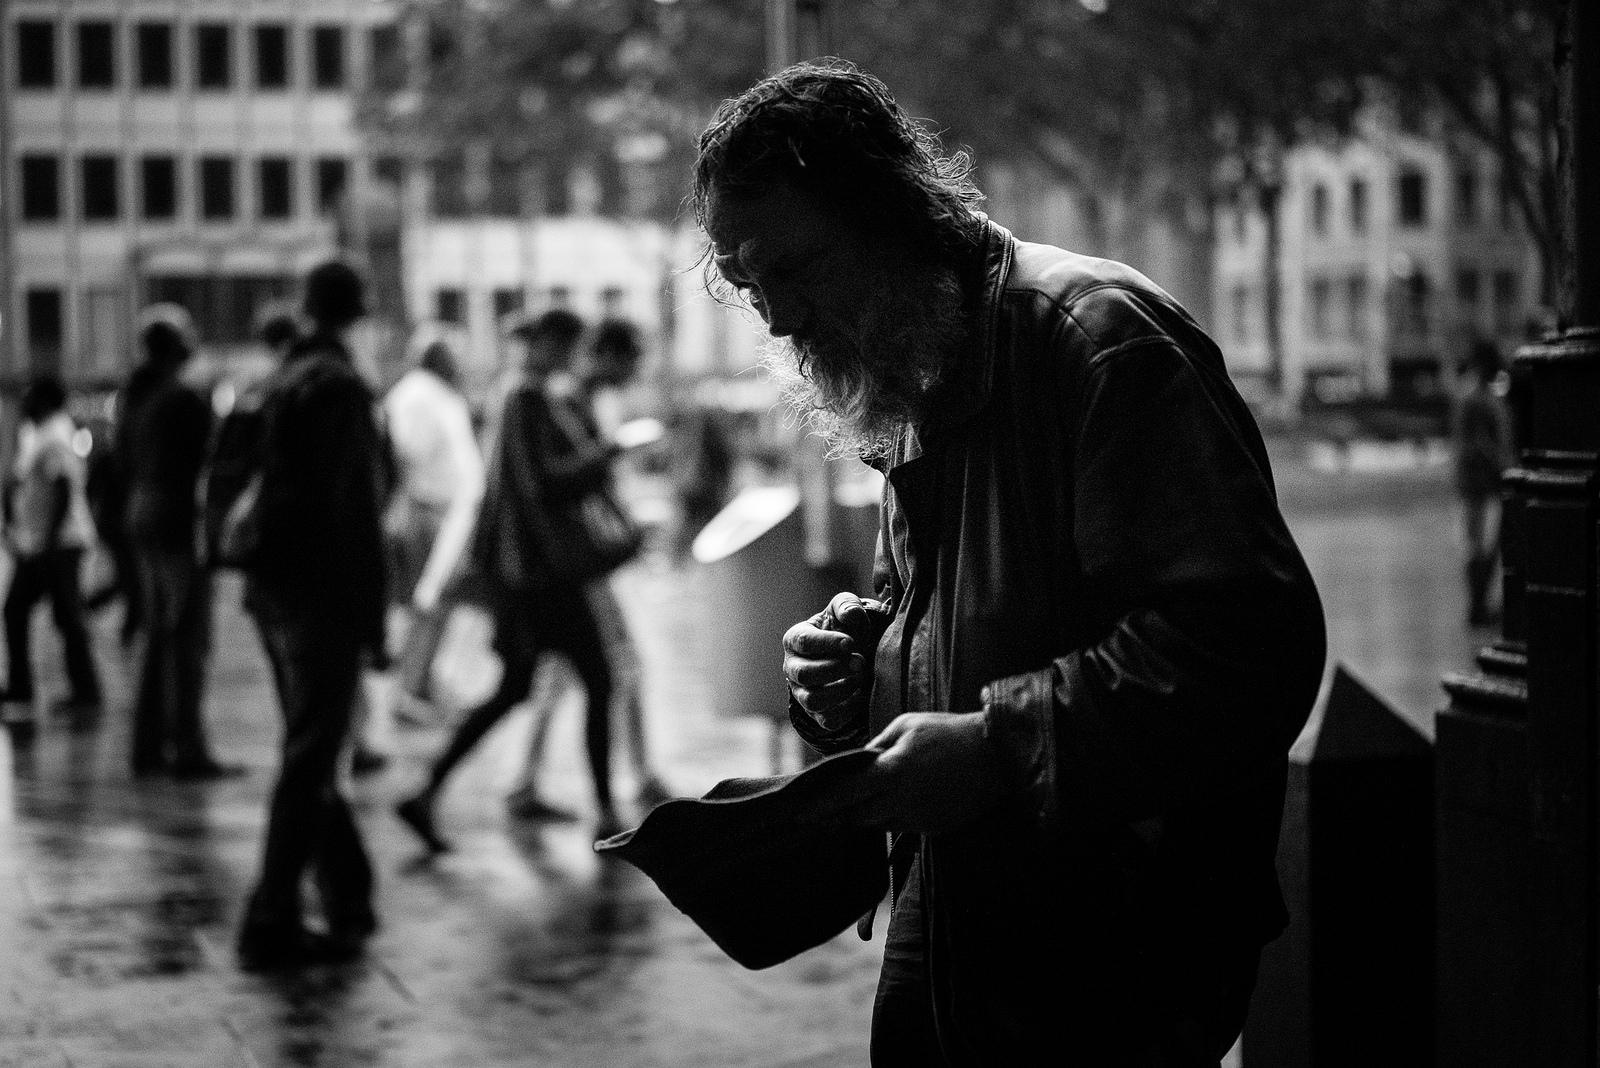 Seorang pengemis tua. Jerman. Flickr - richard overtoom.